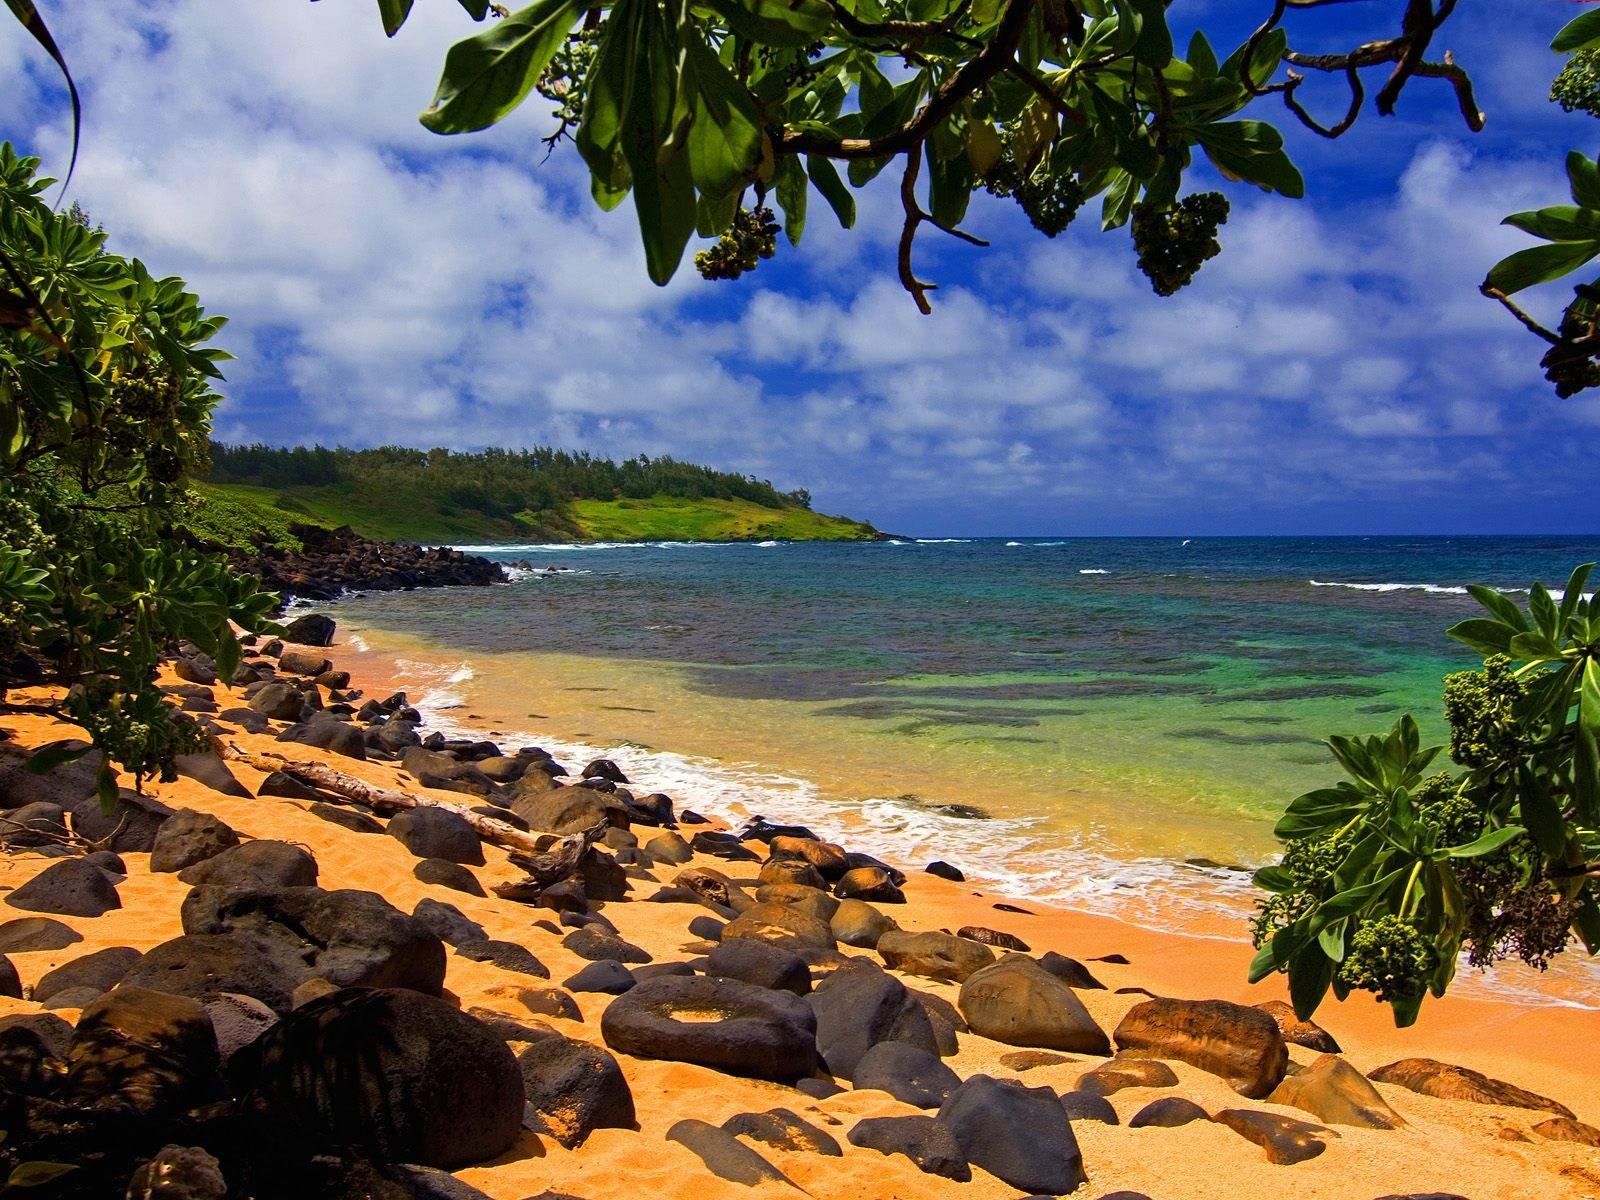 Hawaii beach sunset wallpaper: